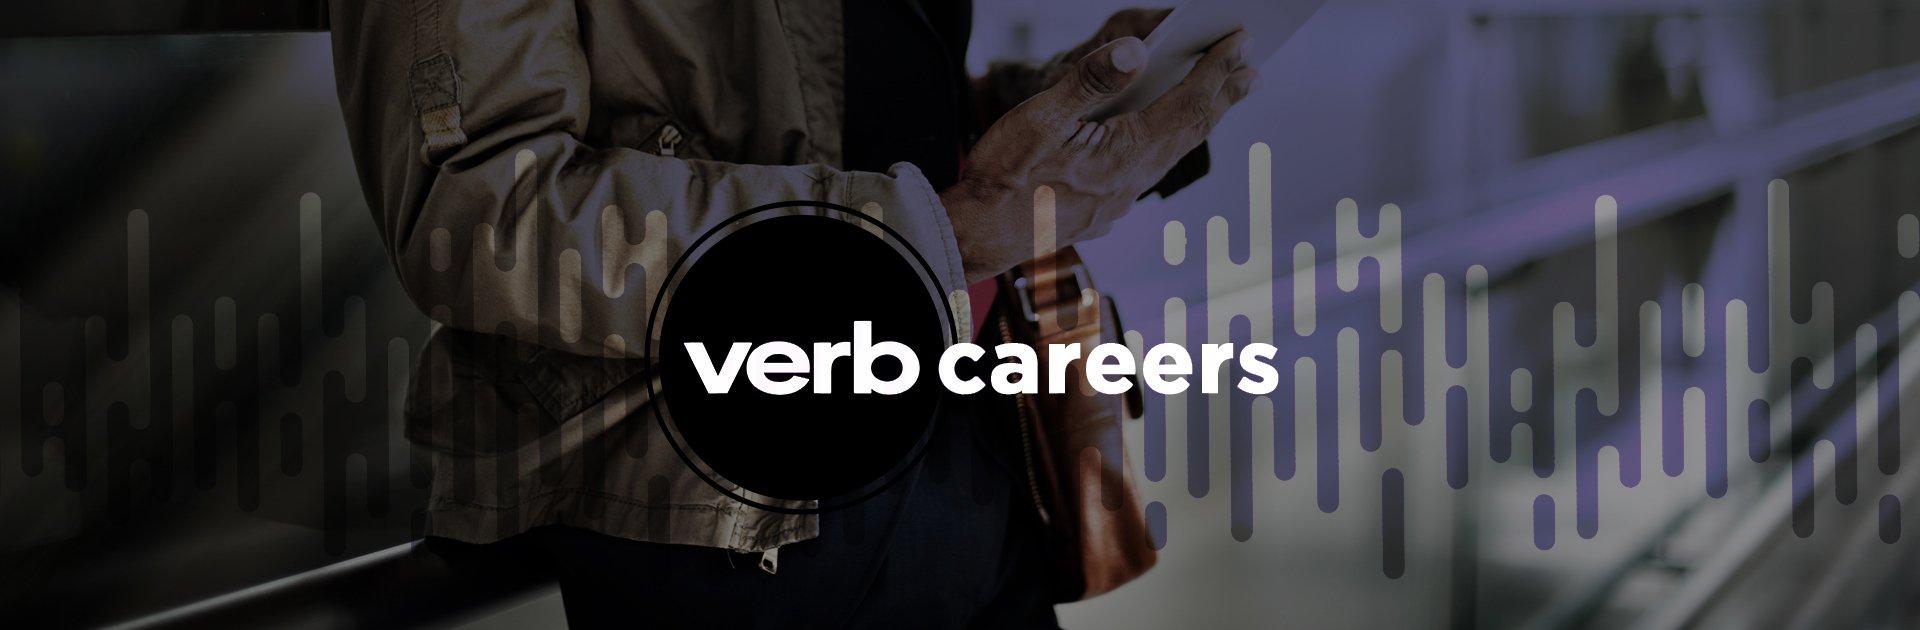 Verb Careers  - 2 Header